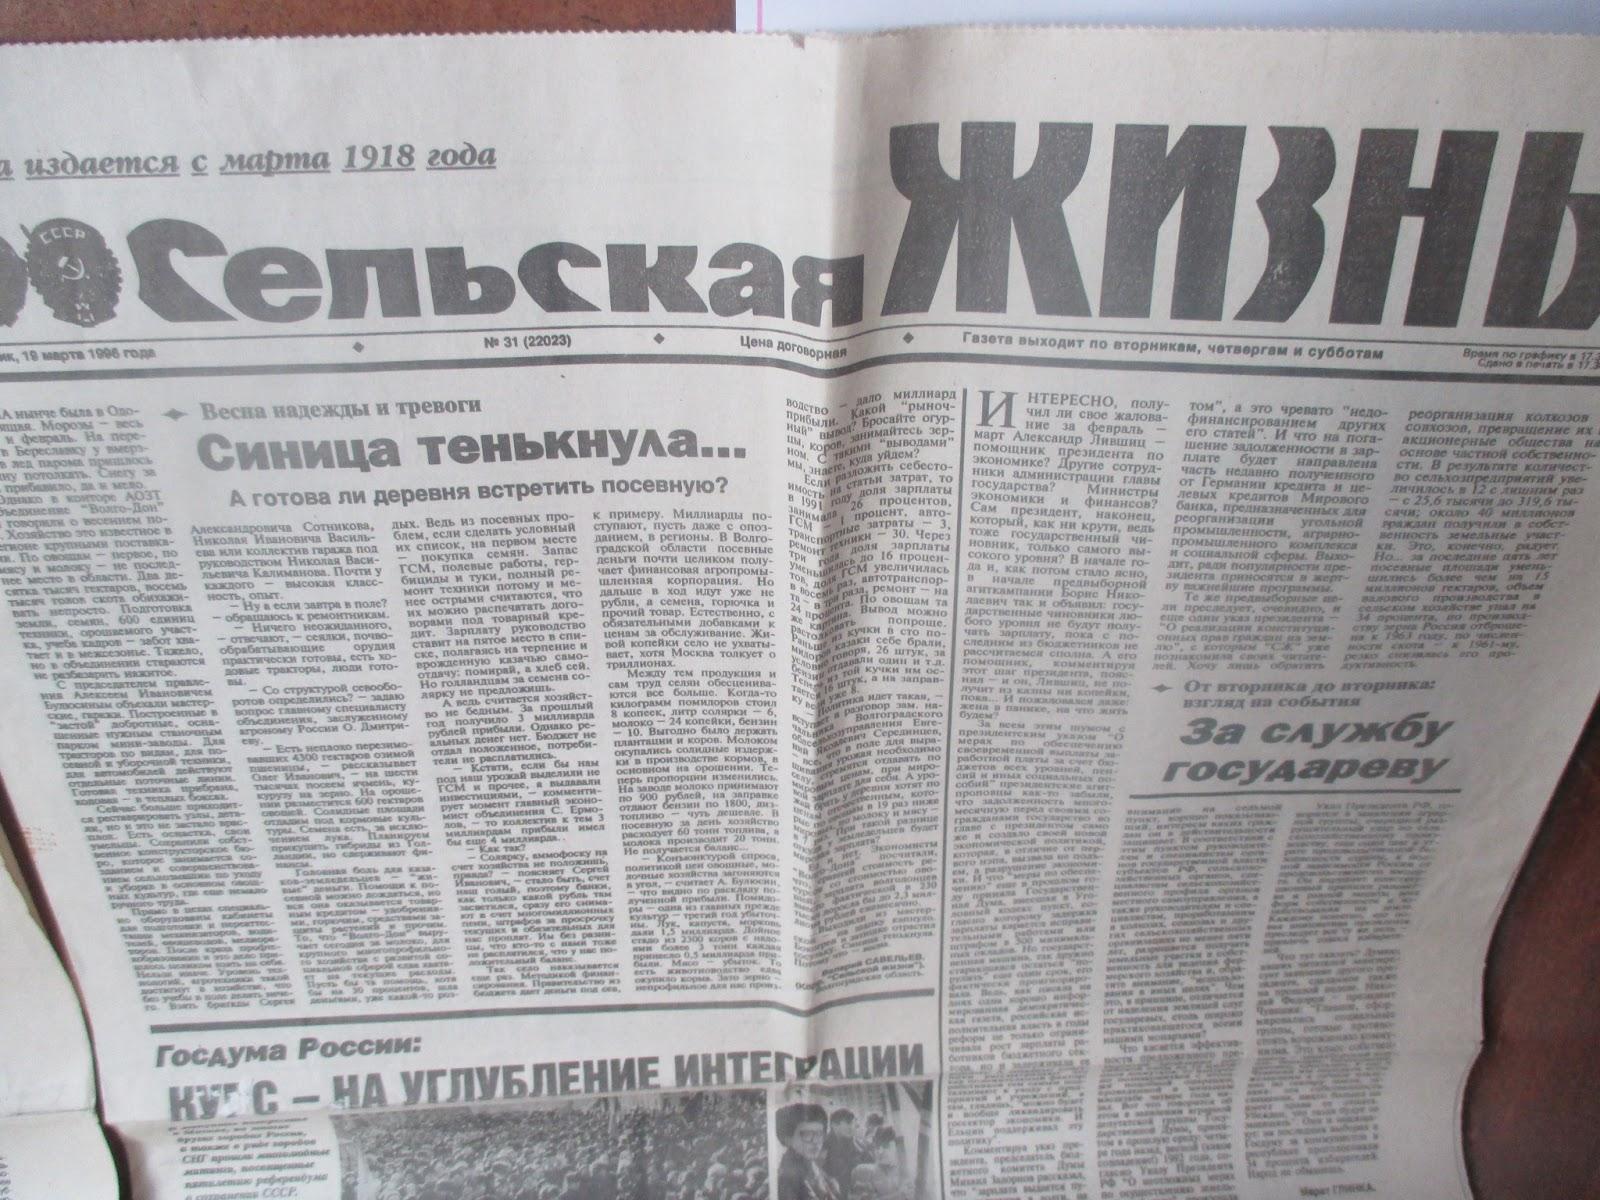 крупный поздравления сельской газете тауэр практически изменилась